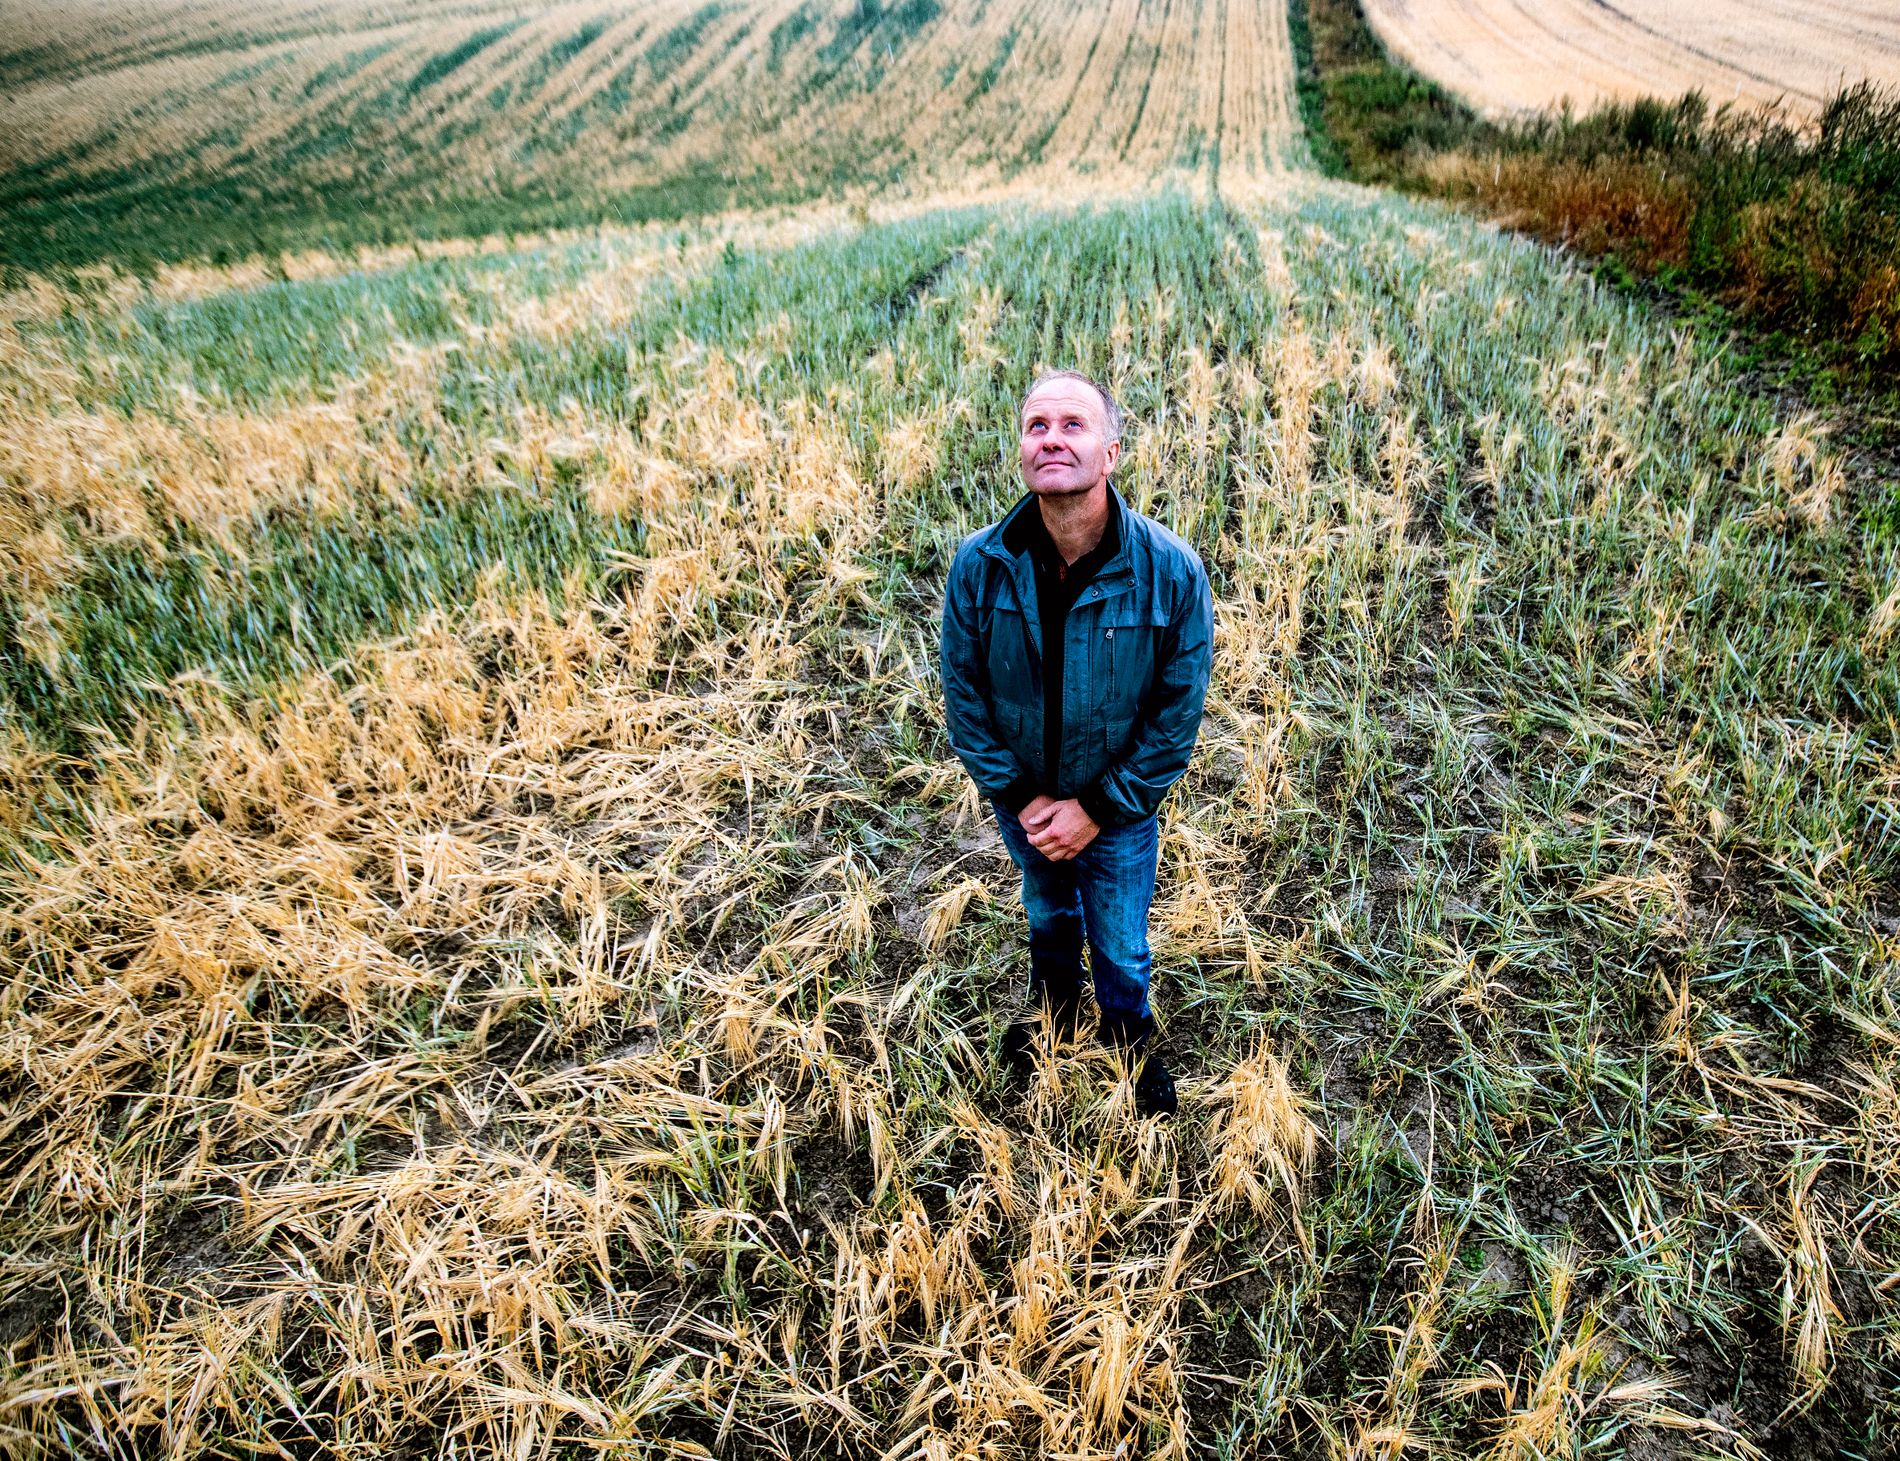 SKADER: Tørke og varme har ødelagt årets avlinger over store deler av landet.  Her er bonde Lars Egil Lauten på sin brunsvidde kornåker.